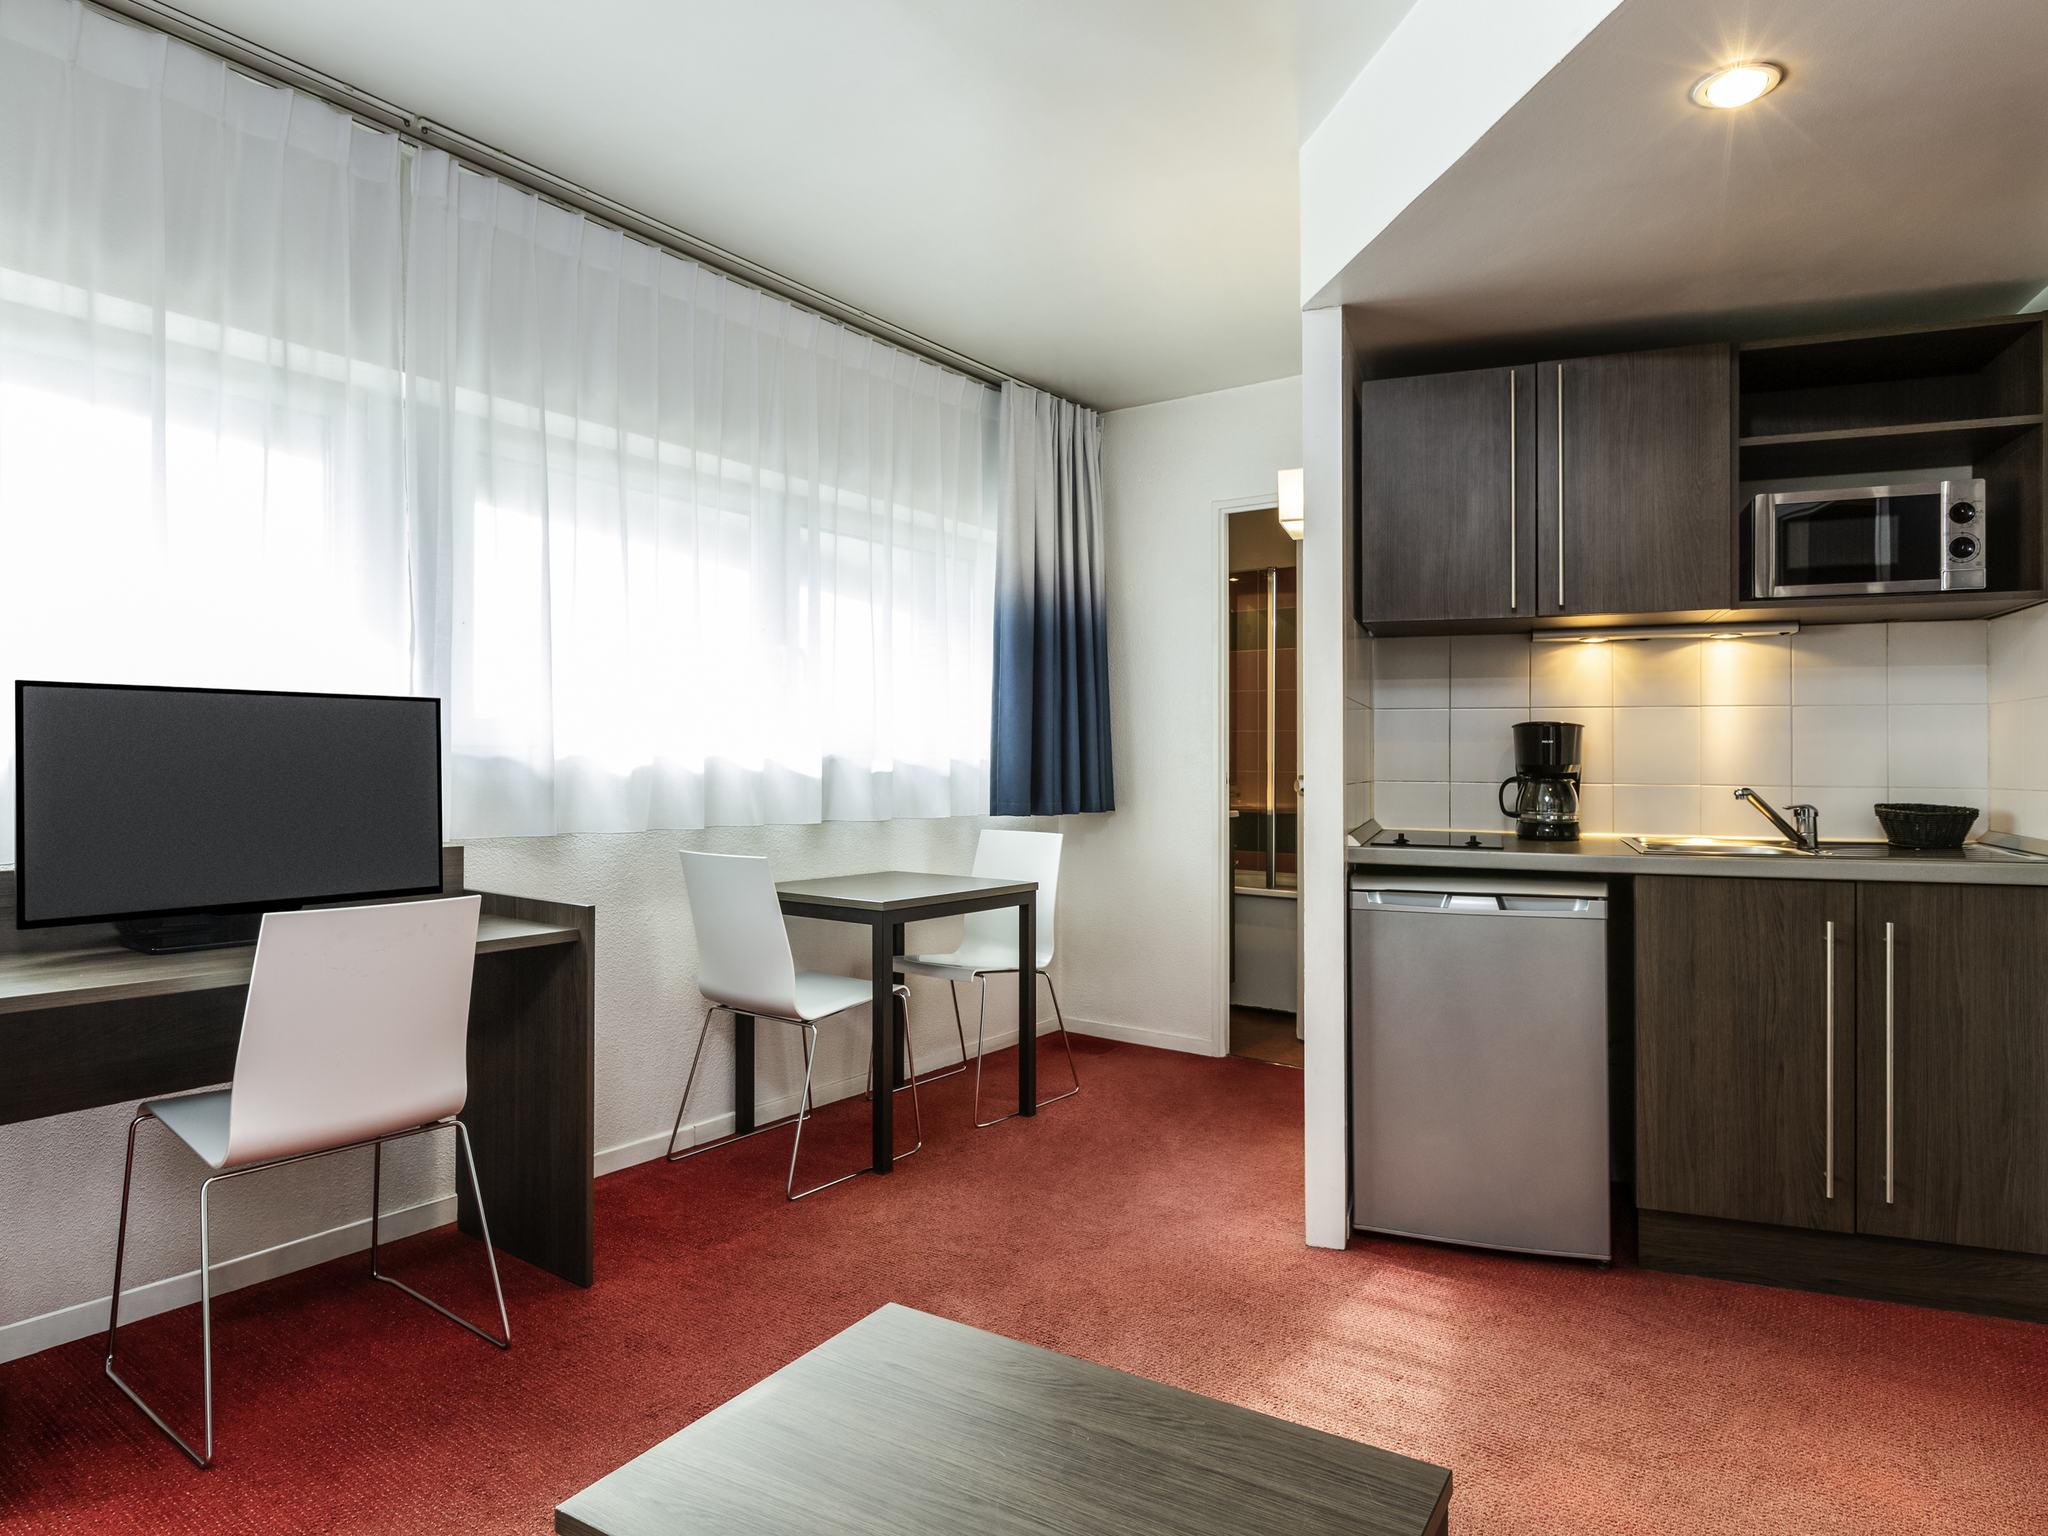 酒店 – 阿德吉奥阿克瑟斯巴黎拉维莱特公寓式酒店